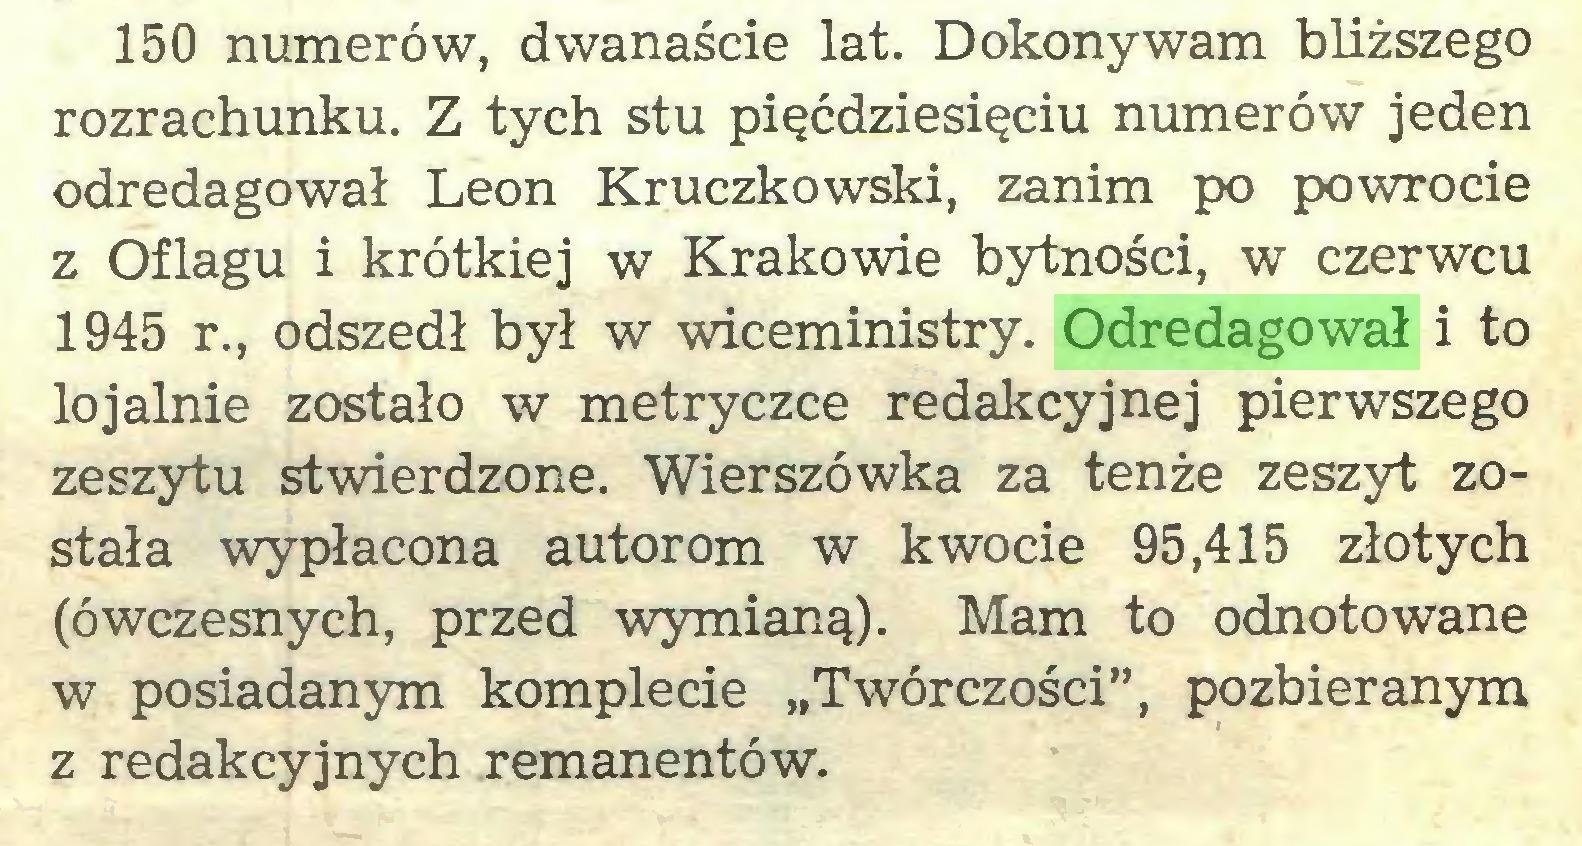 """(...) 150 numerów, dwanaście lat. Dokonywam bliższego rozrachunku. Z tych stu pięćdziesięciu numerów jeden odredagował Leon Kruczkowski, zanim po powrocie z Oflagu i krótkiej w Krakowie bytności, w czerwcu 1945 r., odszedł był w wiceministry. Odredagował i to lojalnie zostało w metryczce redakcyjnej pierwszego zeszytu stwierdzone. Wierszówka za tenże zeszyt została wypłacona autorom w kwocie 95,415 złotych (ówczesnych, przed wymianą). Mam to odnotowane w posiadanym komplecie """"Twórczości"""", pozbieranym z redakcyjnych remanentów..."""